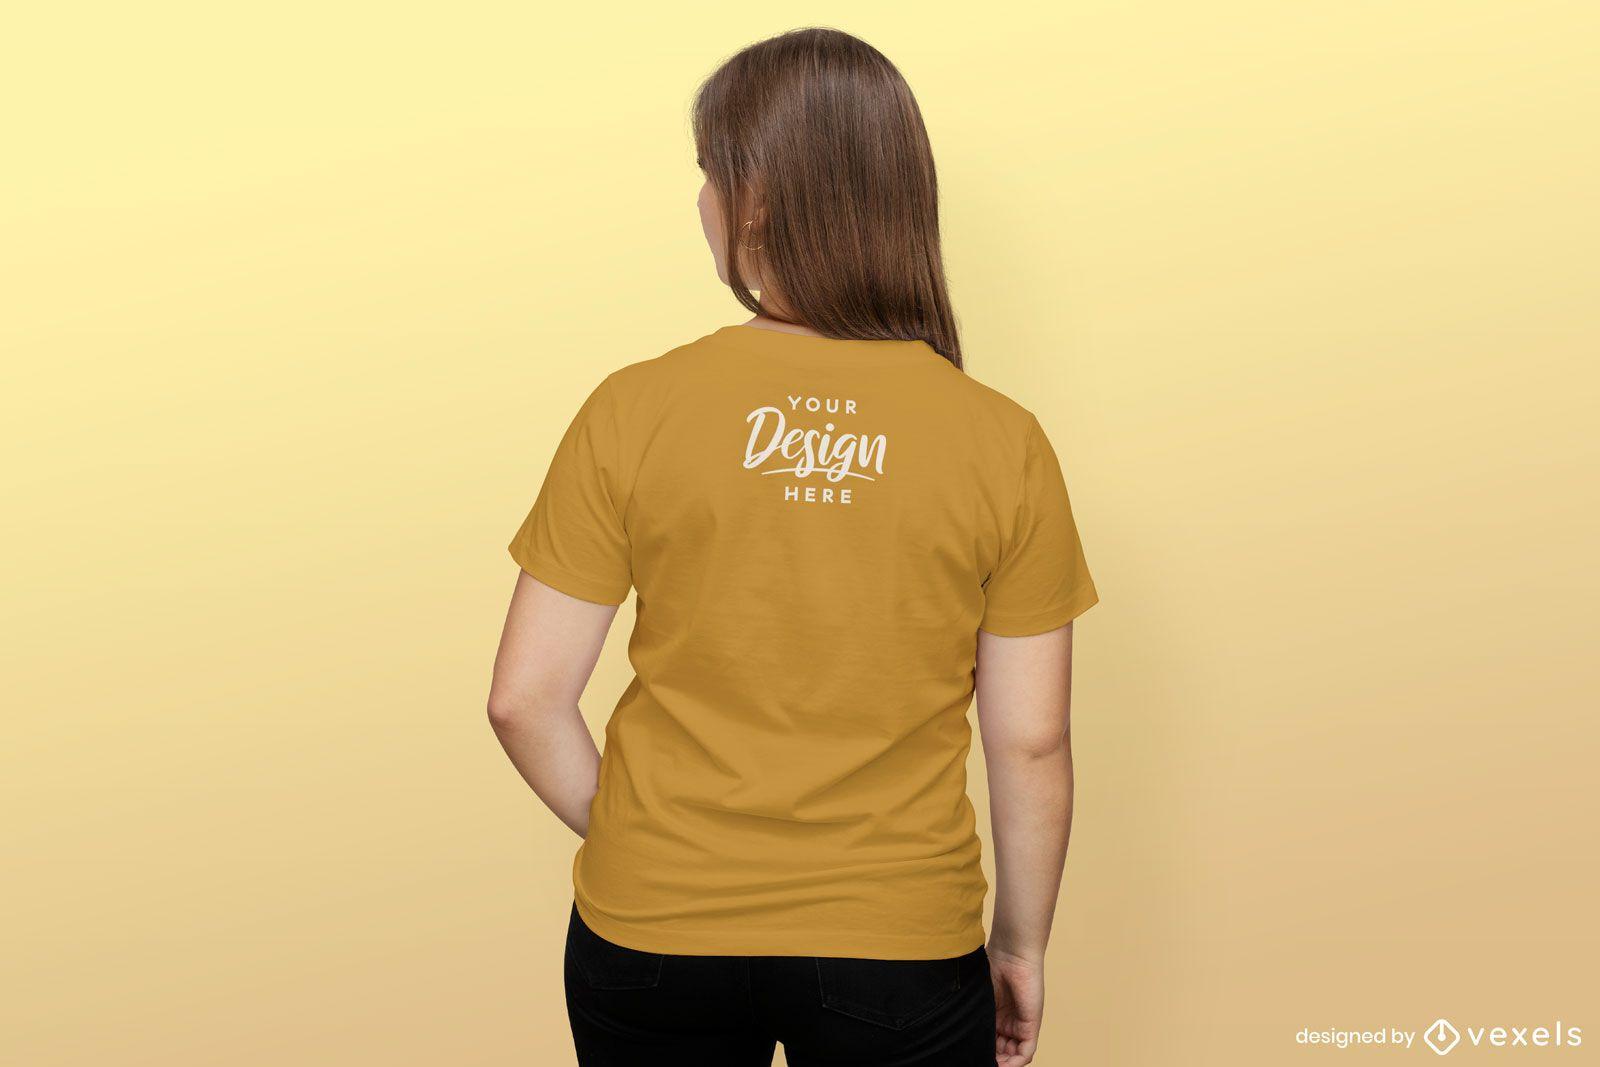 Girl backwards solid background t-shirt mockup